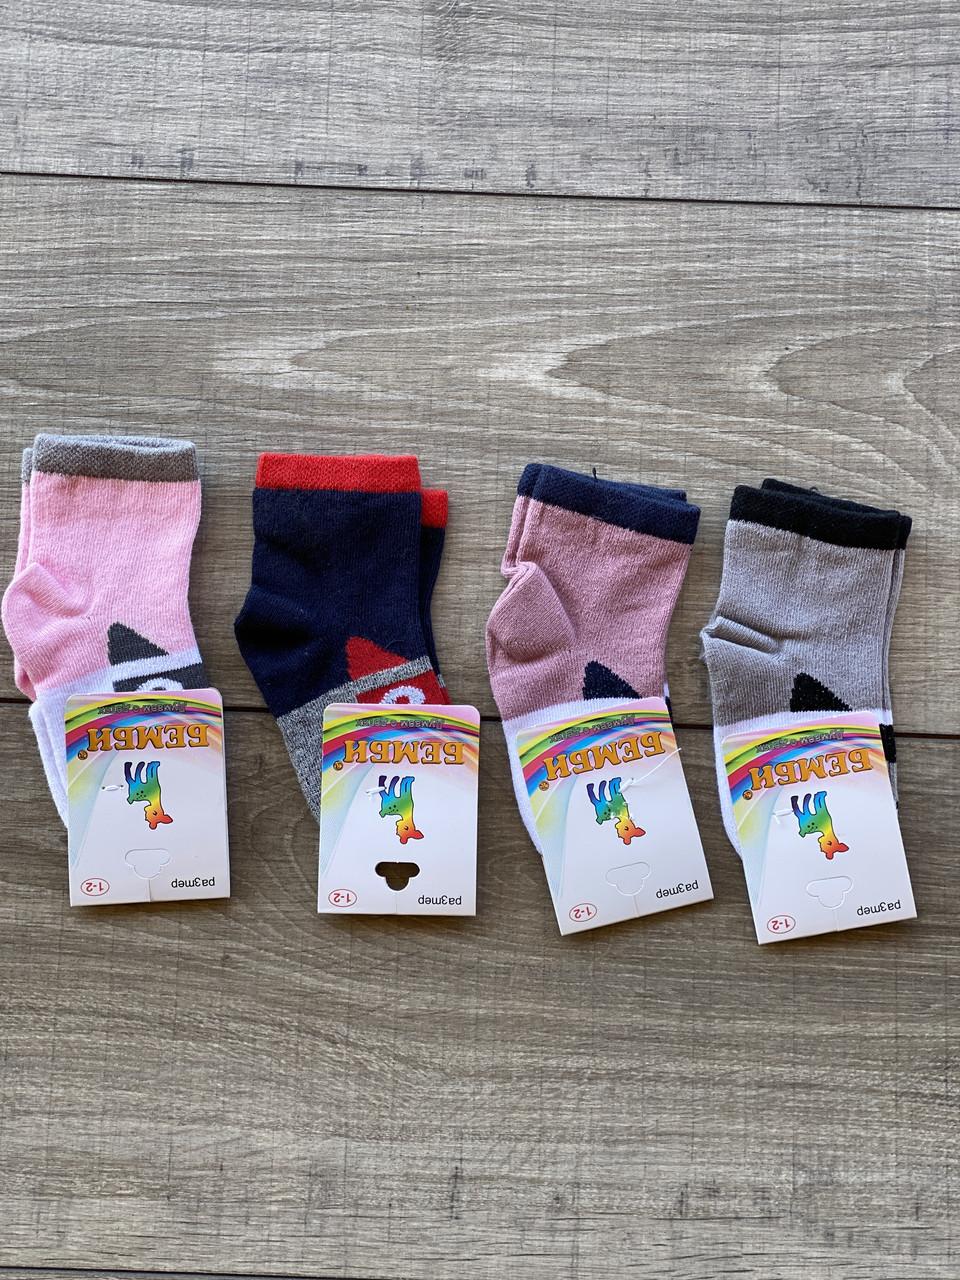 Дитячі шкарпетки Бембі бавовна для дівчаток і хлопчиків з мордочкою котика 1-2 роки 12 шт в уп мікс кольорів